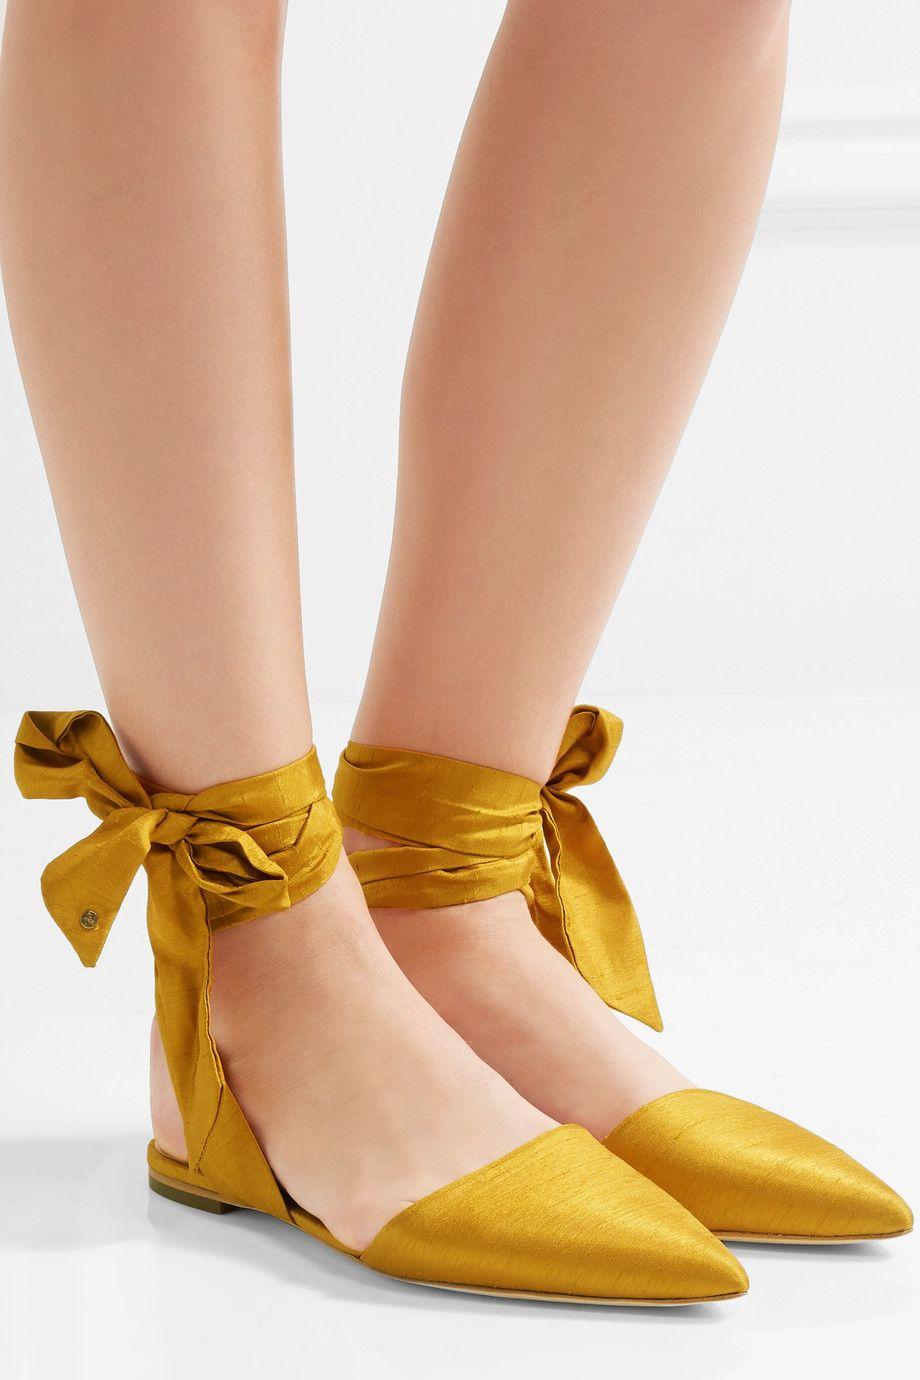 29461e472c45 Satin Pointed-Toe Bow Flats